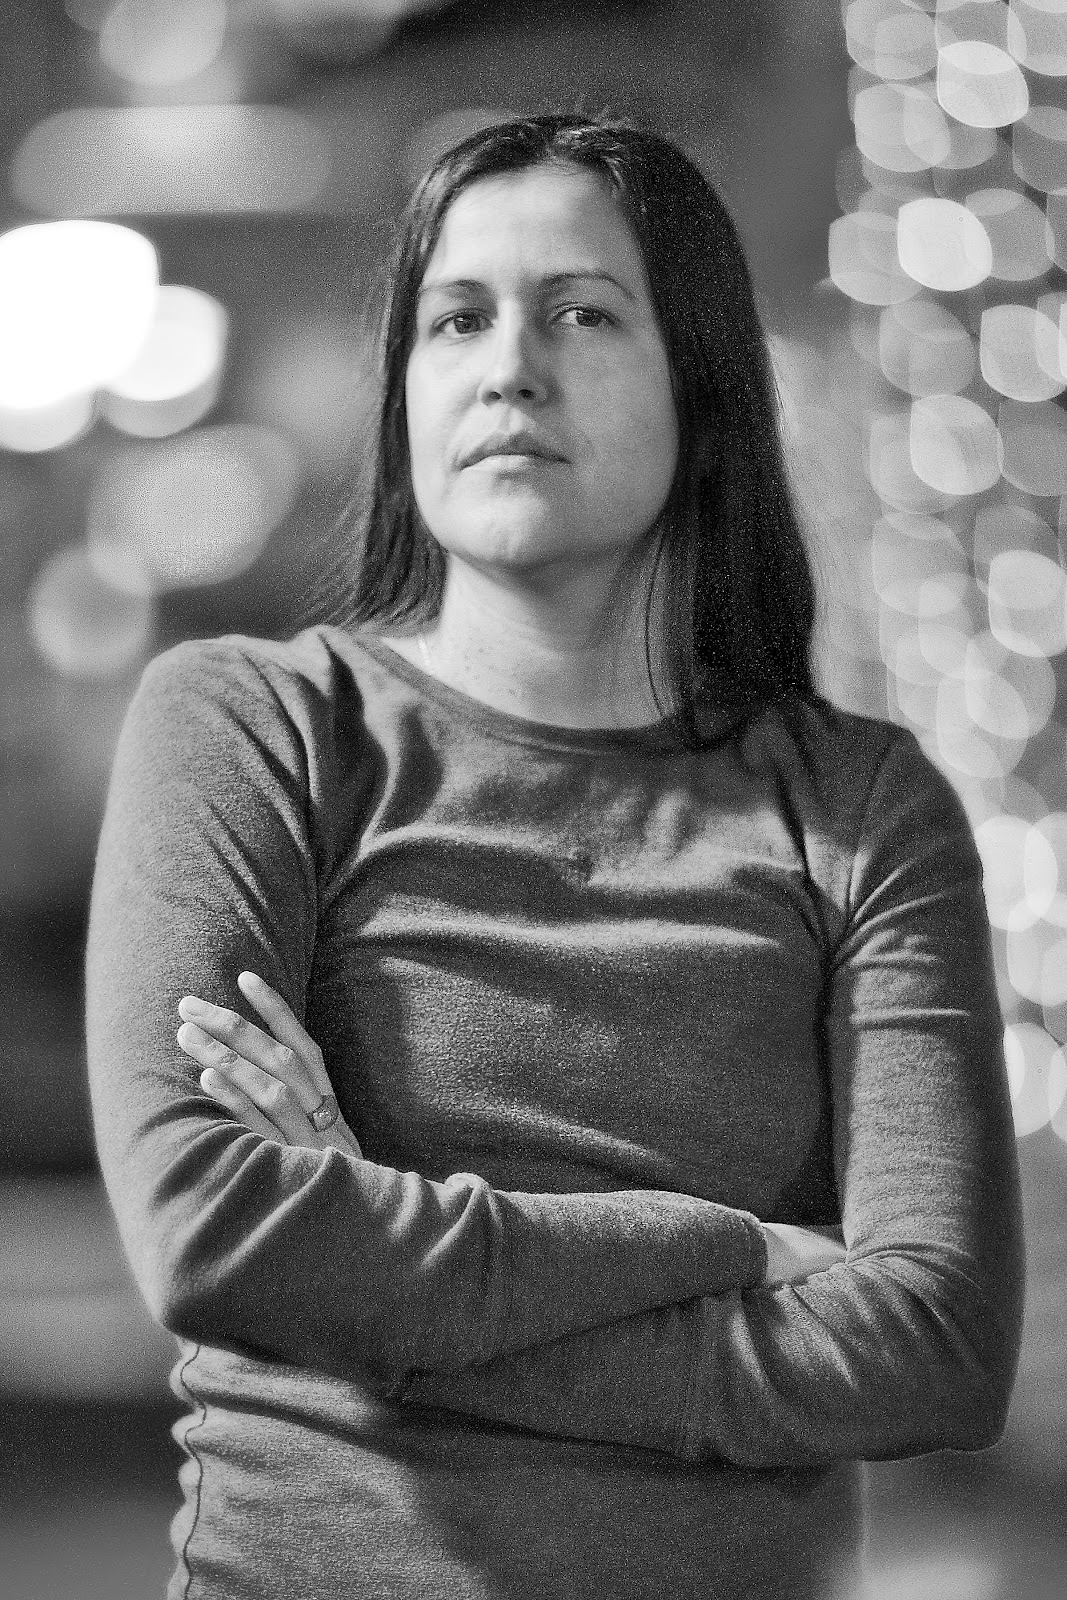 Poet Natalie Diaz